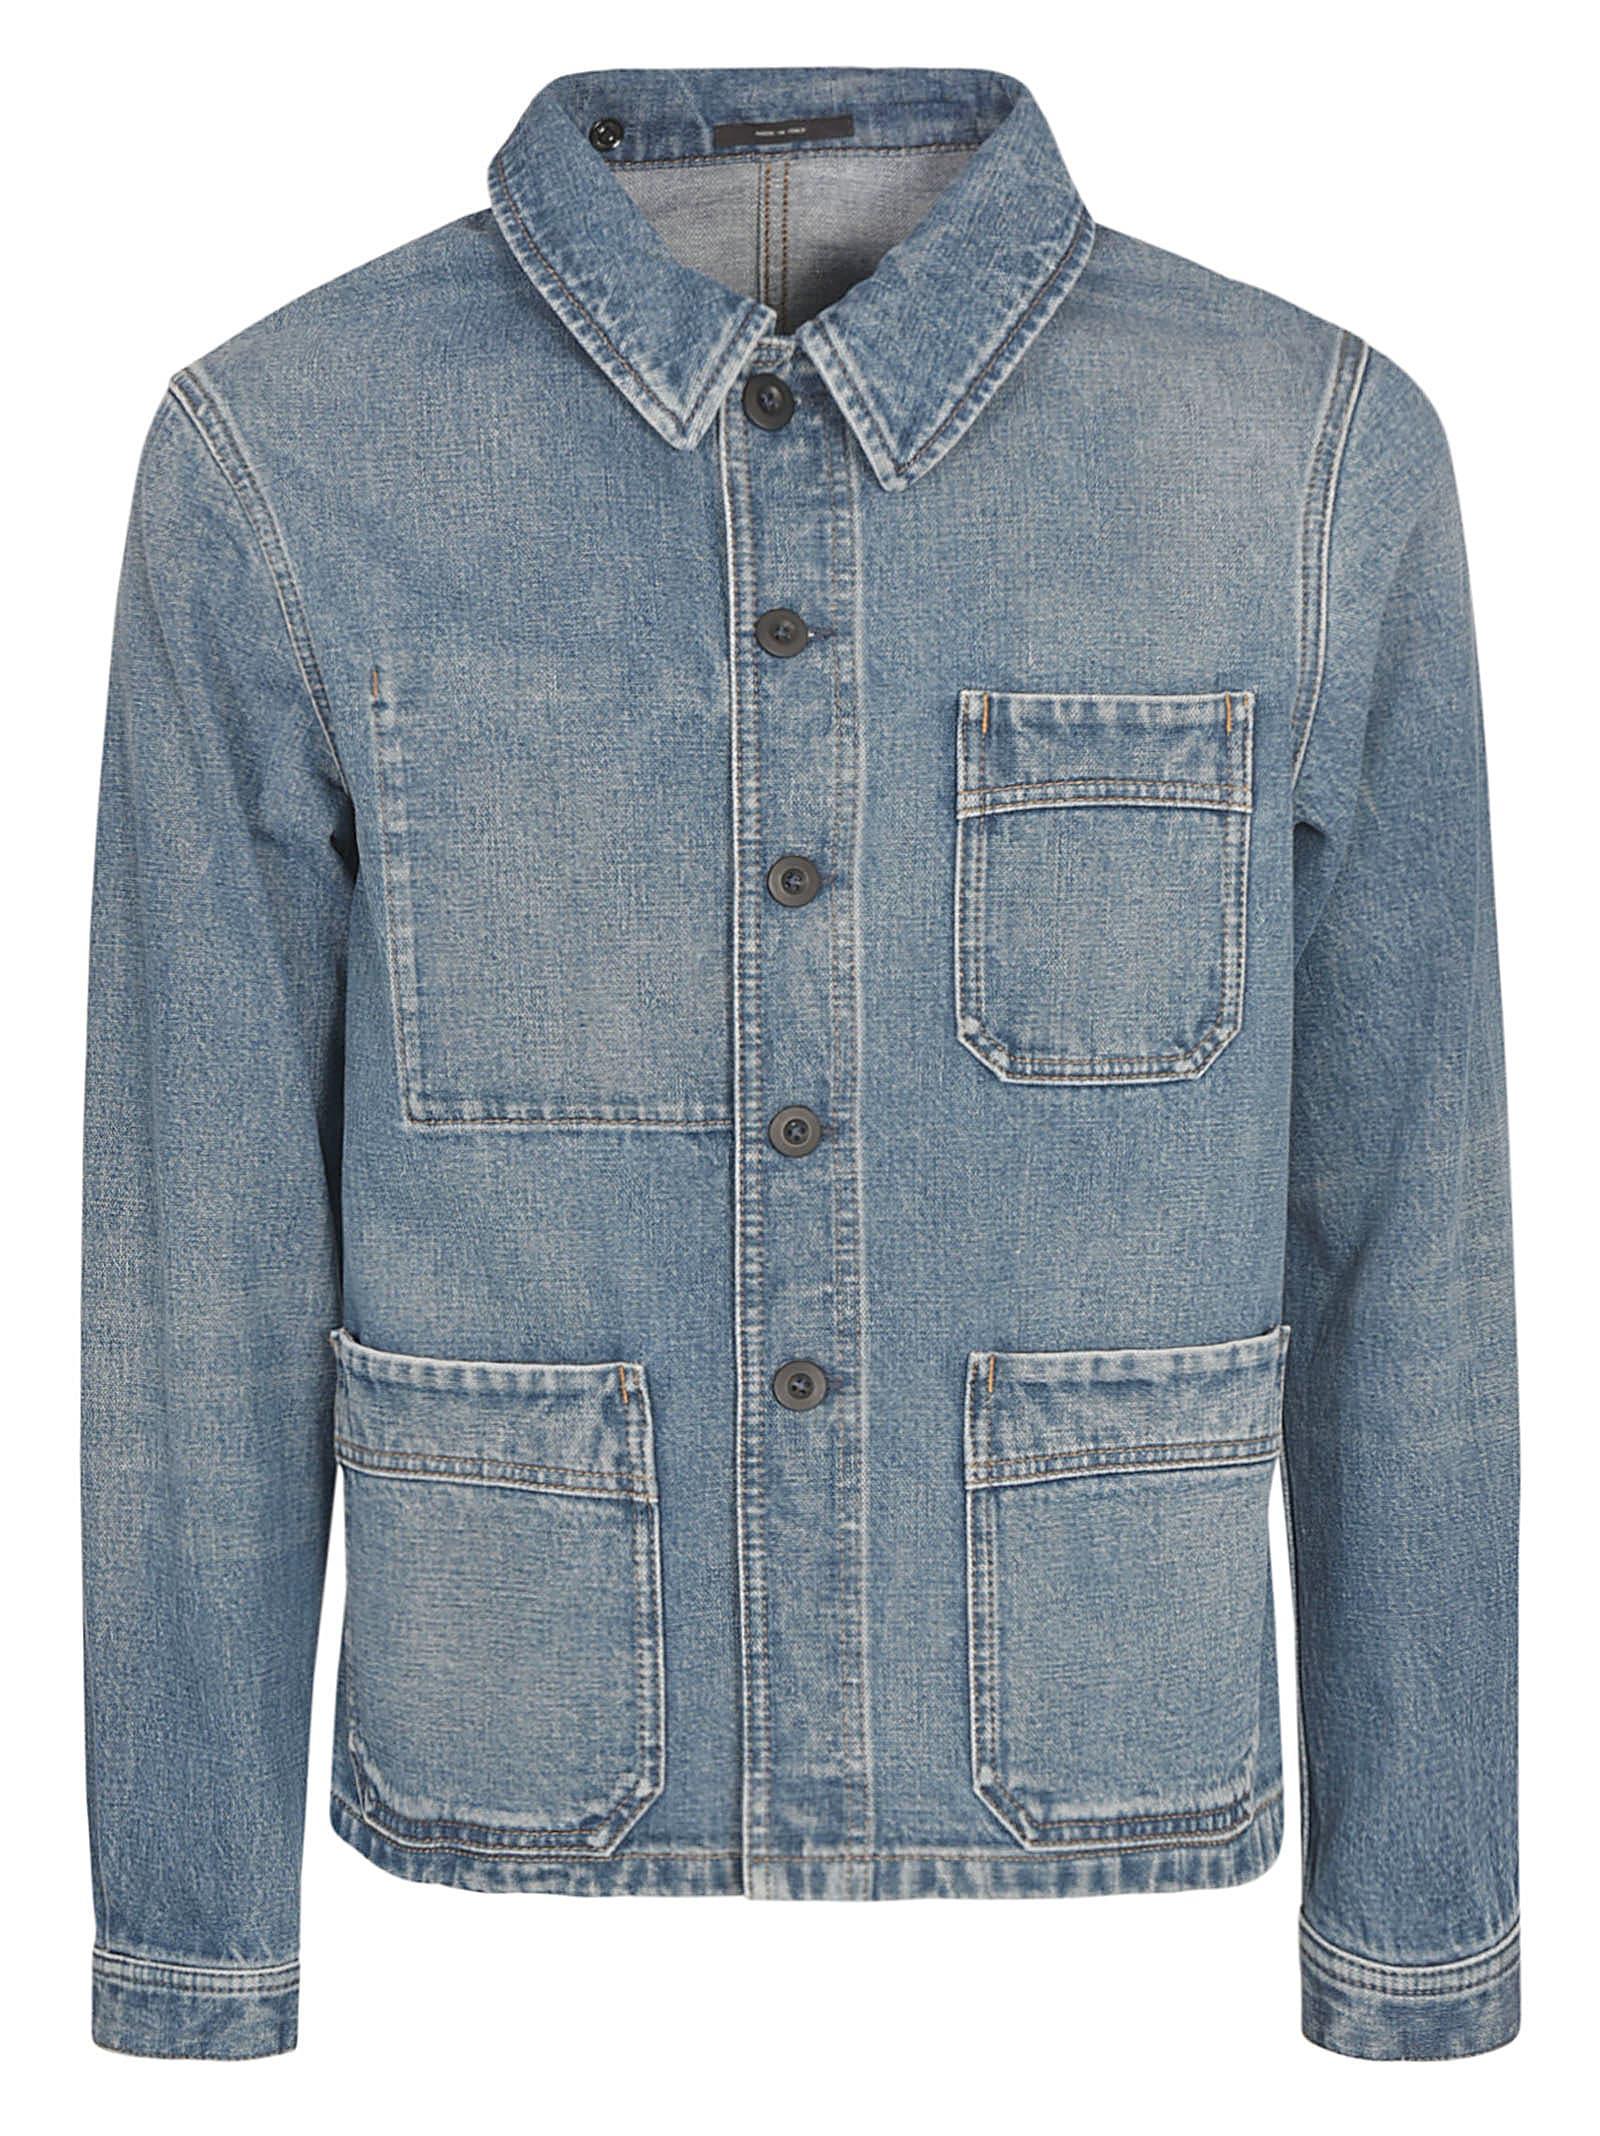 Tom Ford Denim Jacket In Blue